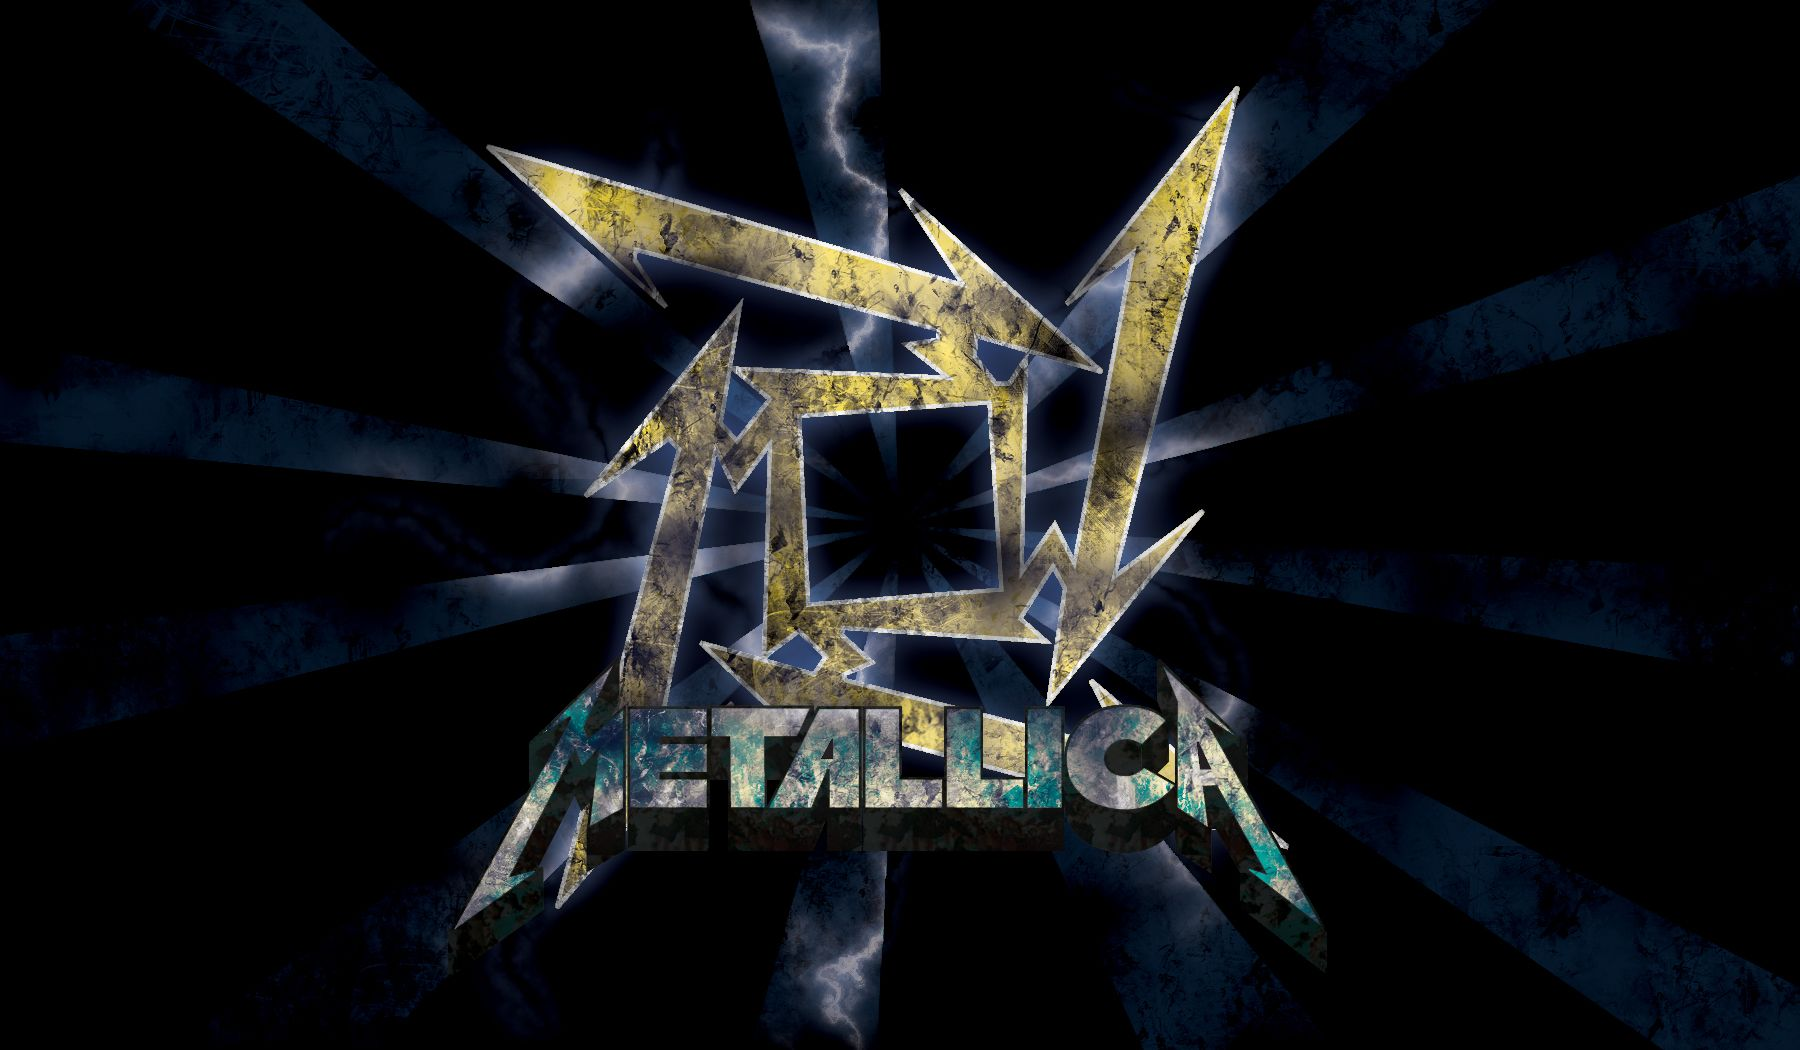 Metallica Logo Wallpaper  18   Metallicawallpapercom 1800x1050